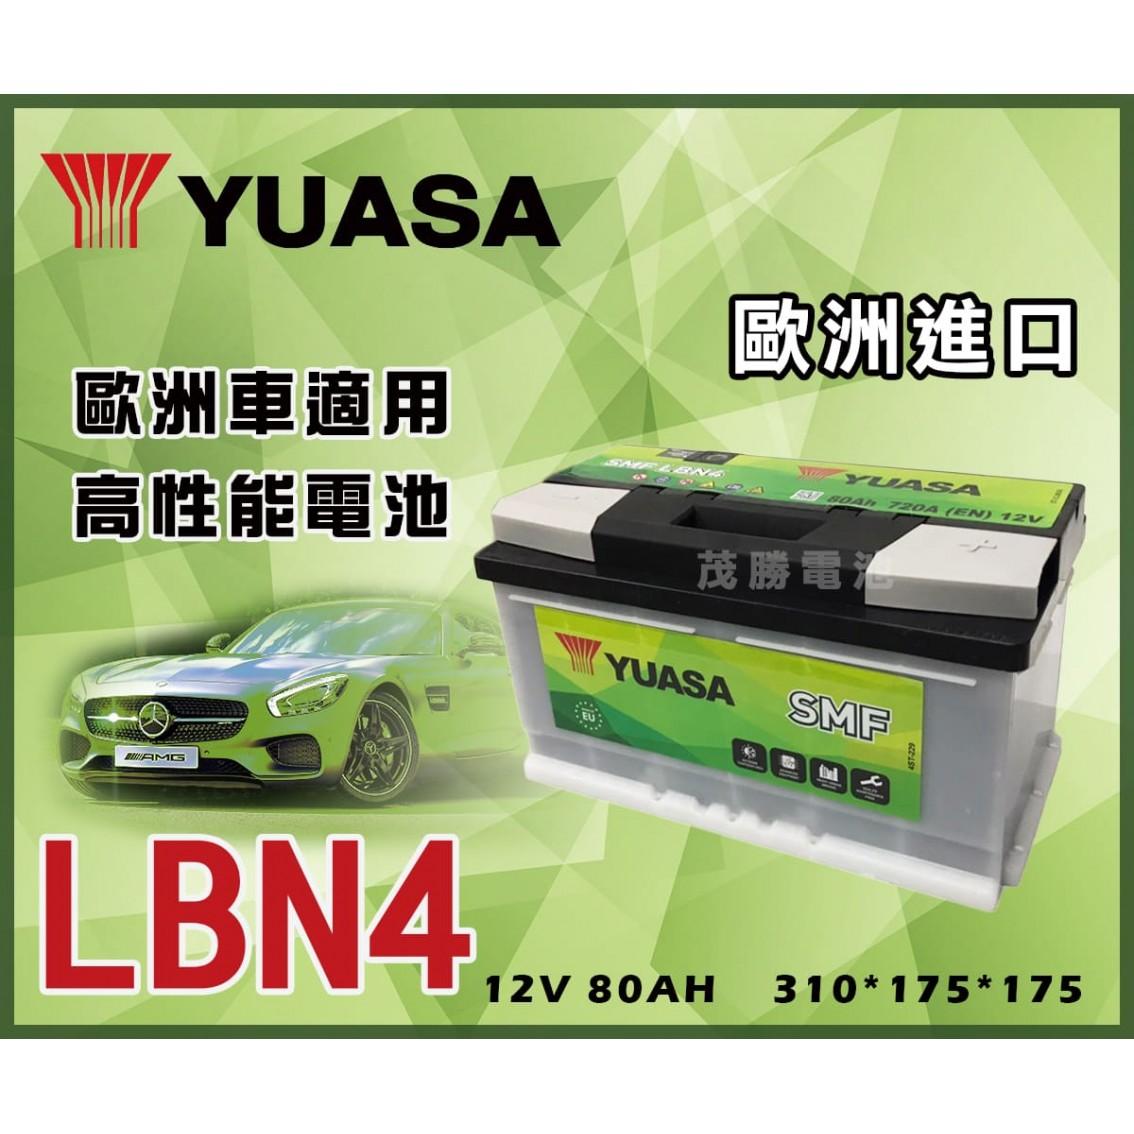 LBN4-58014